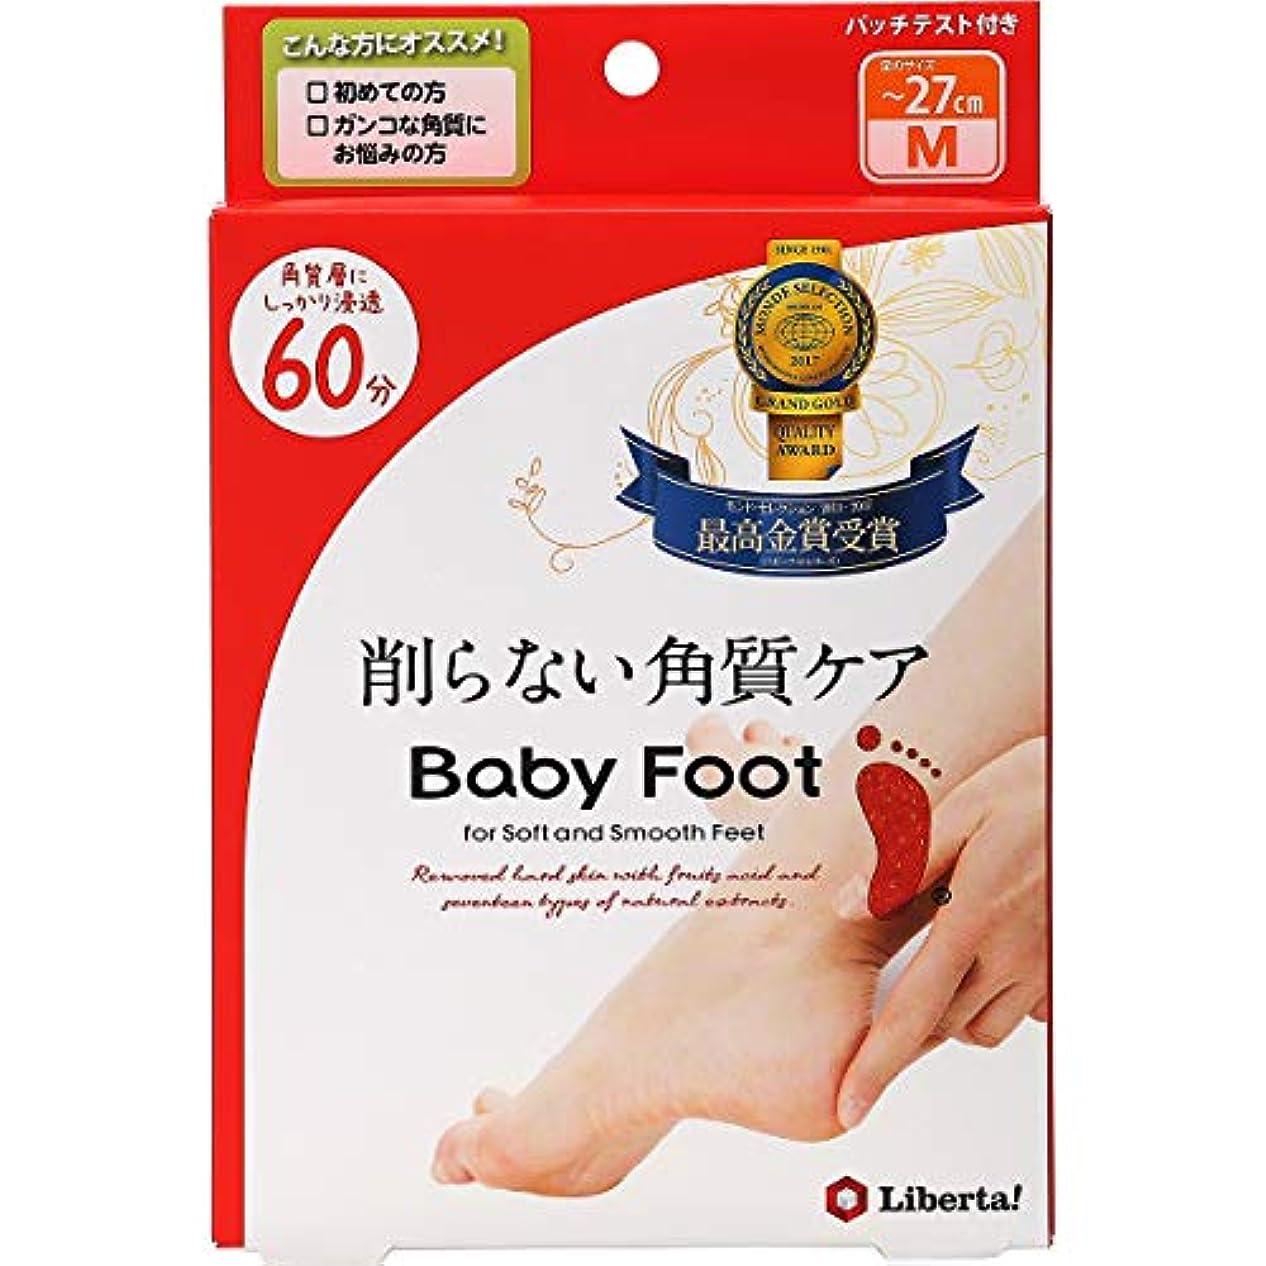 外向き顔料アジアベビーフット (Baby Foot) ベビーフット イージーパック SPT60分タイプ Mサイズ 単品